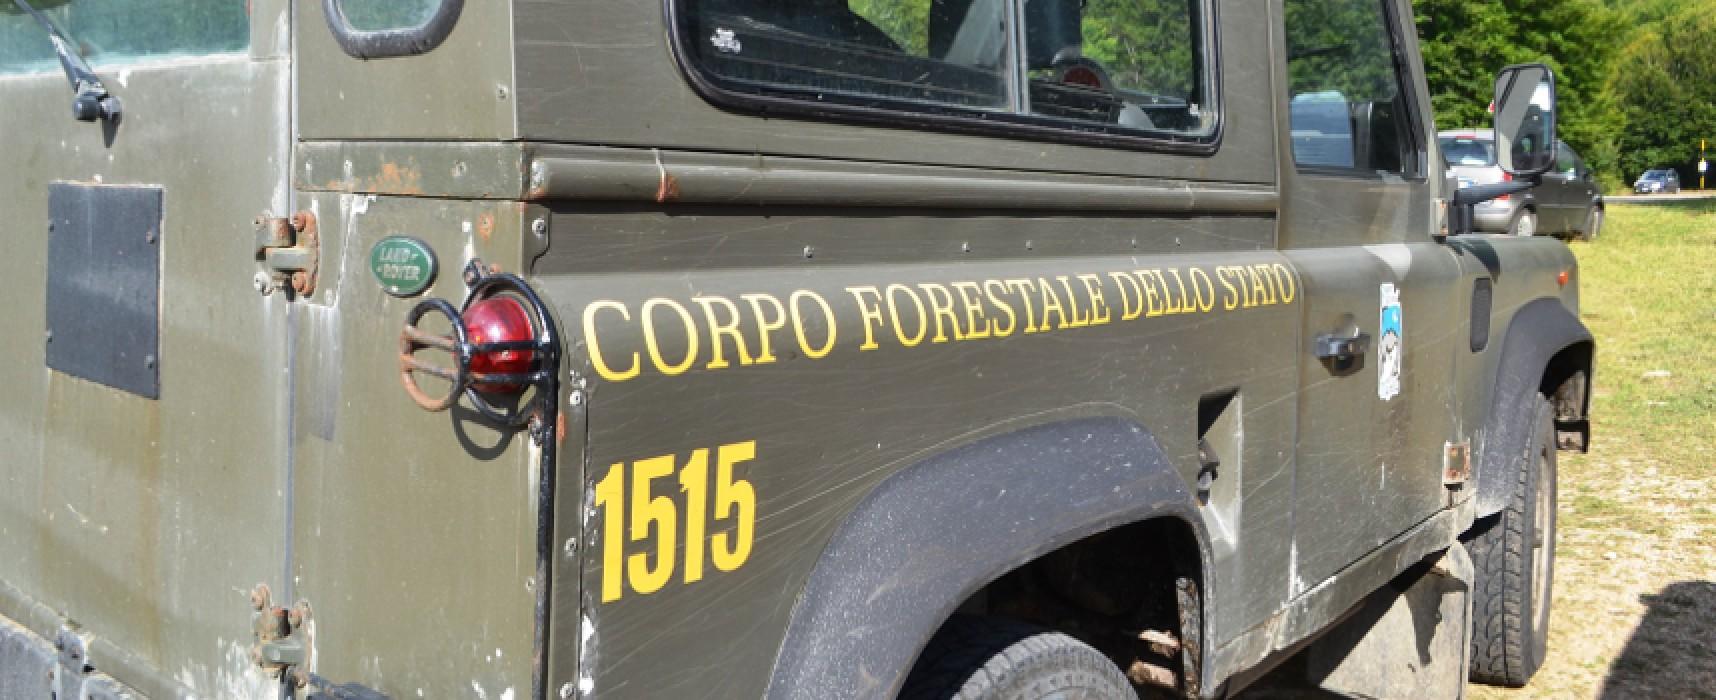 Protocollo tra Comune e Corpo Forestale dello Stato, Spina: «Importante forma di collaborazione istituzionale»